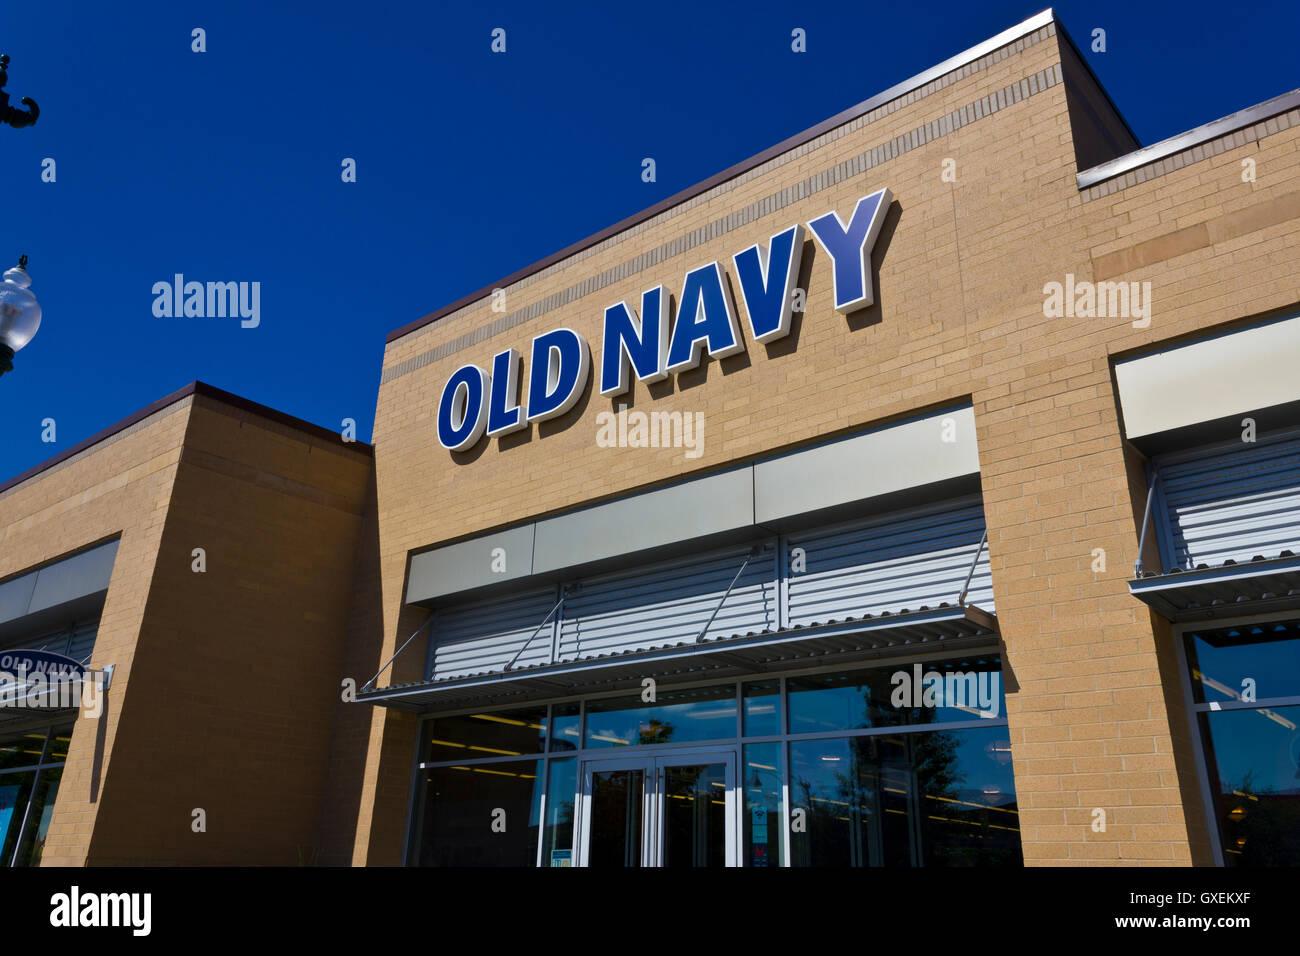 Indianapolis - ca. Juni 2016: Old Navy Retail Mall Lage. Old Navy ist ein Geschäftsbereich der Gap Inc. III Stockbild